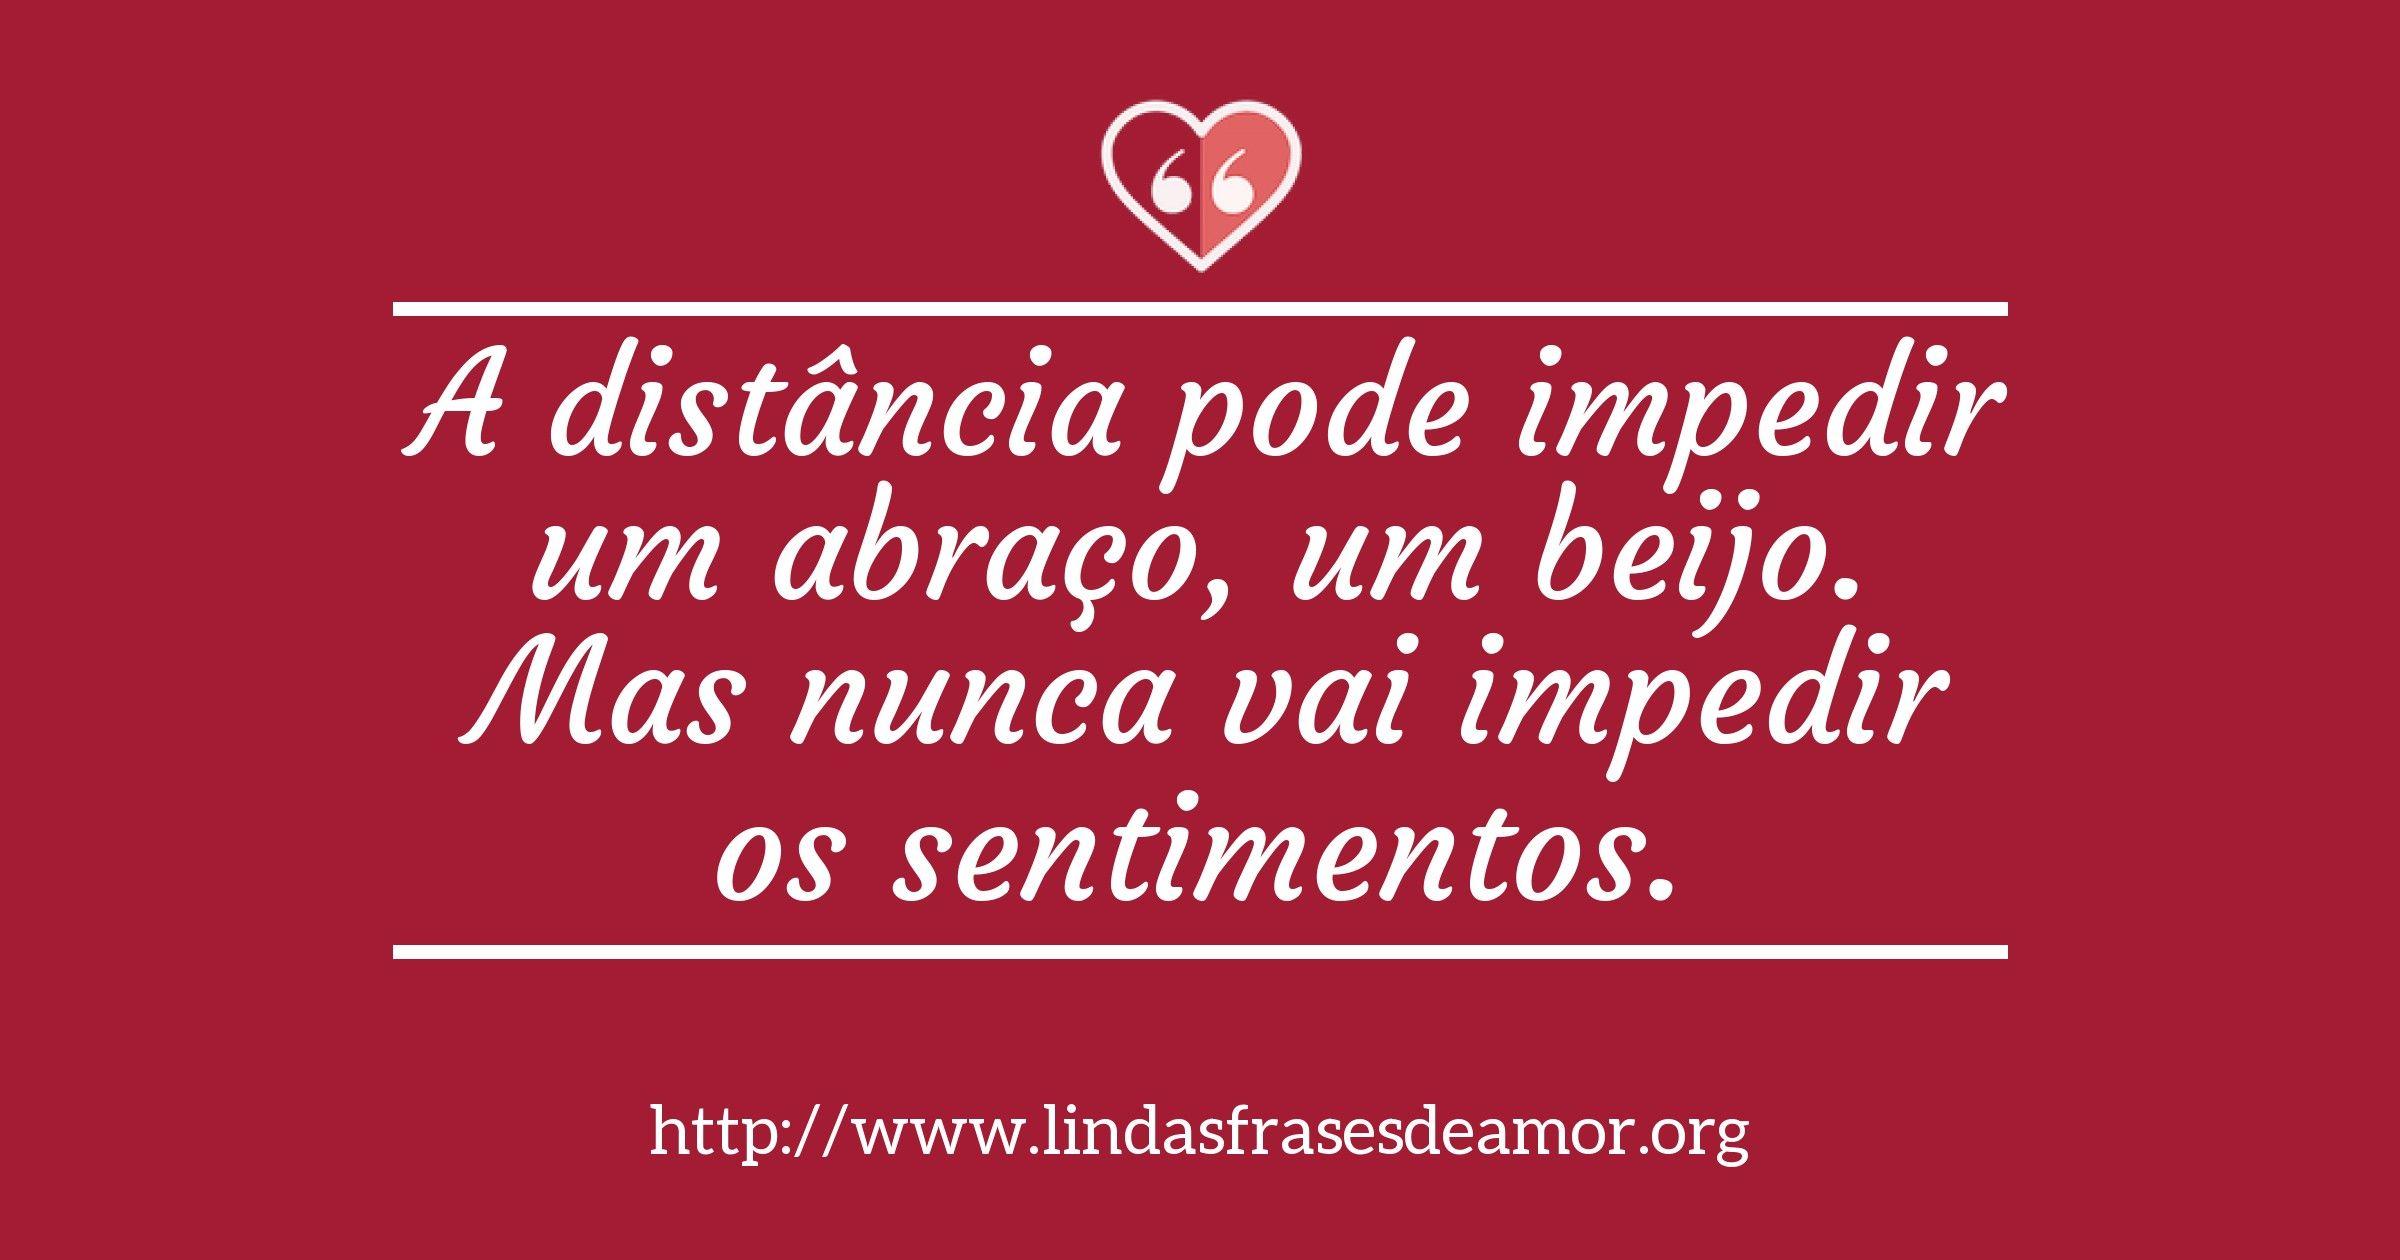 A distância pode impedir um abraço, um beijo. Mas nunca vai impedir os sentimentos. http://www.lindasfrasesdeamor.org/frases/amor/indiretas